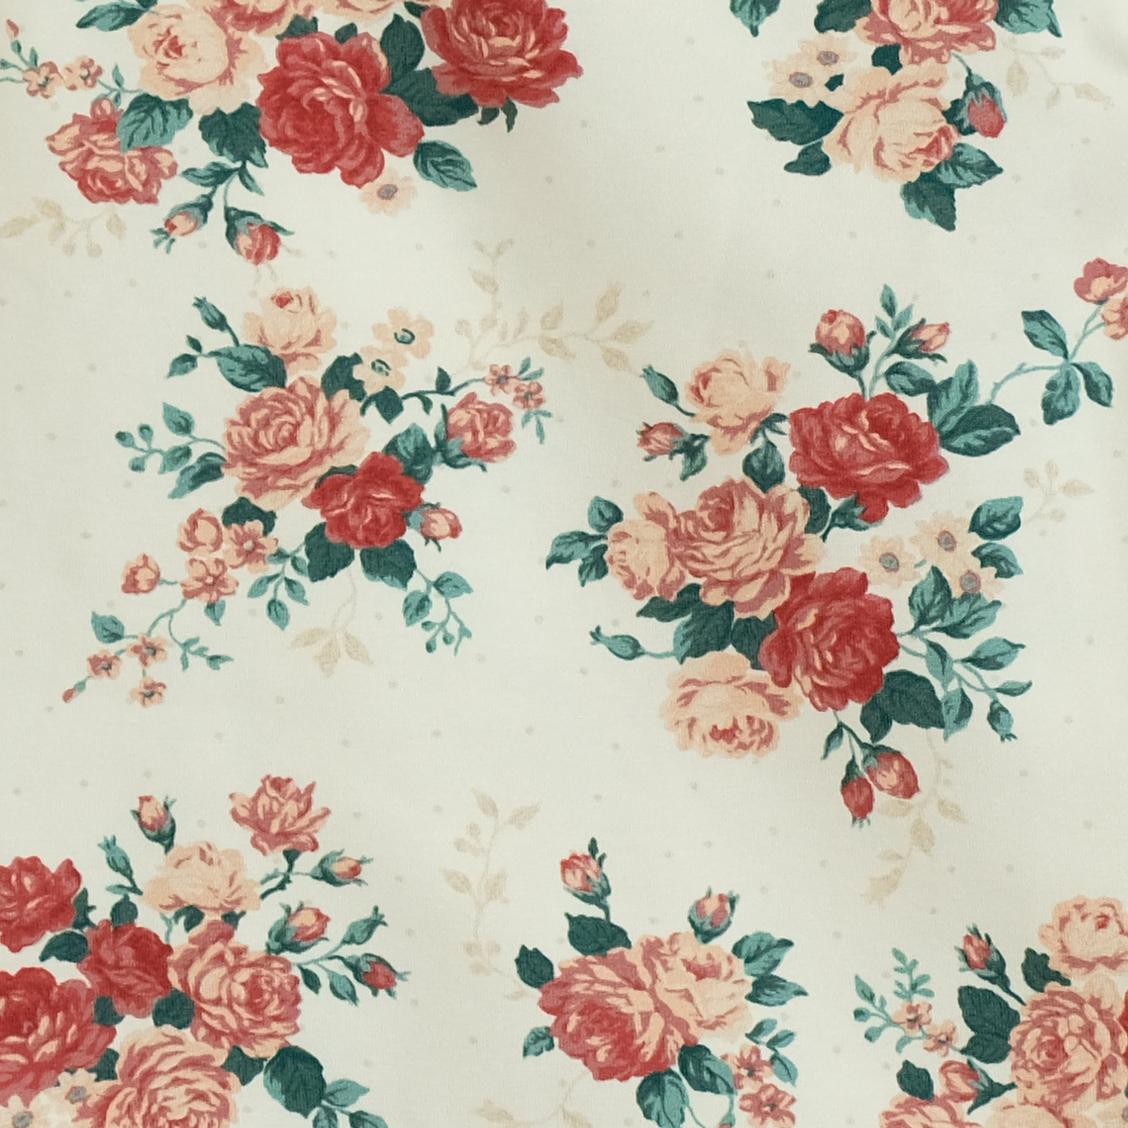 Cremeweiss-gr-Rosen